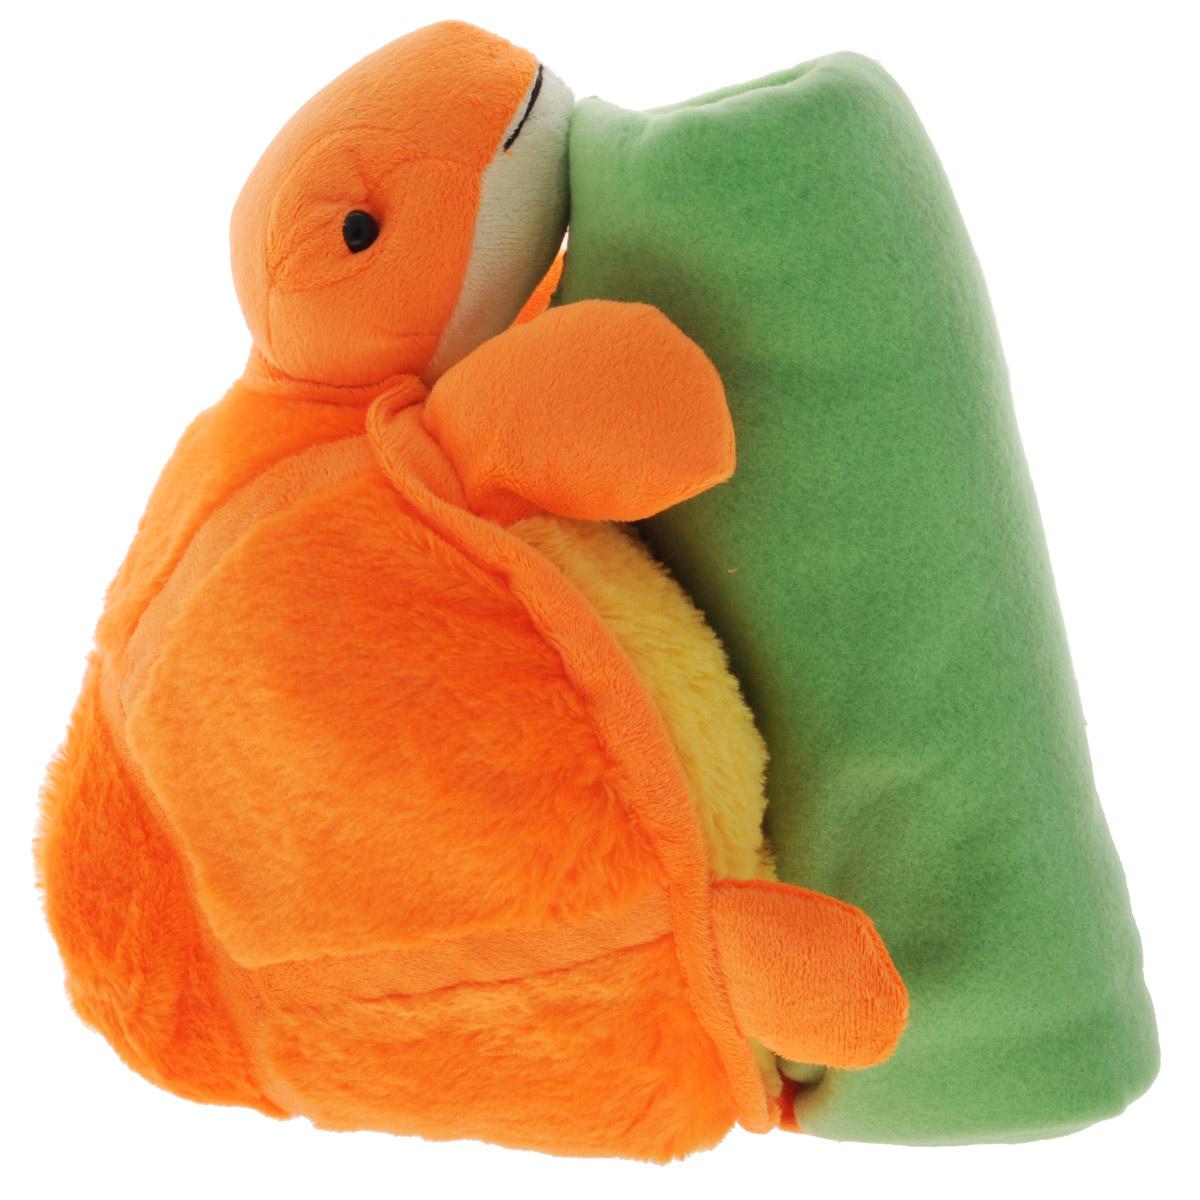 Набор Home Queen Черепашка: плед, игрушка, цвет: оранжевый, зеленый67427Набор Home Queen Черепашка состоит из мягконабивной игрушки и флисового пледа желтого цвета. Мягкий флисовый плед согреет в прохладные вечера и сделает ваш дом уютным. Плед не скатывается и не вызывает аллергии, легко стирается и быстро сохнет. Таким пледом можно уютно укрыться дома или взять с собой в путешествие. Игрушка в виде черепашки изготовлена из приятного на ощупь плюша с мягким синтепоном внутри. Может использоваться как подушка. Набор Home Queen Черепашка - интересный и полезный подарок для ребенка. Плед и игрушка прекрасно дополнят интерьер детской и порадуют вашего малыша.